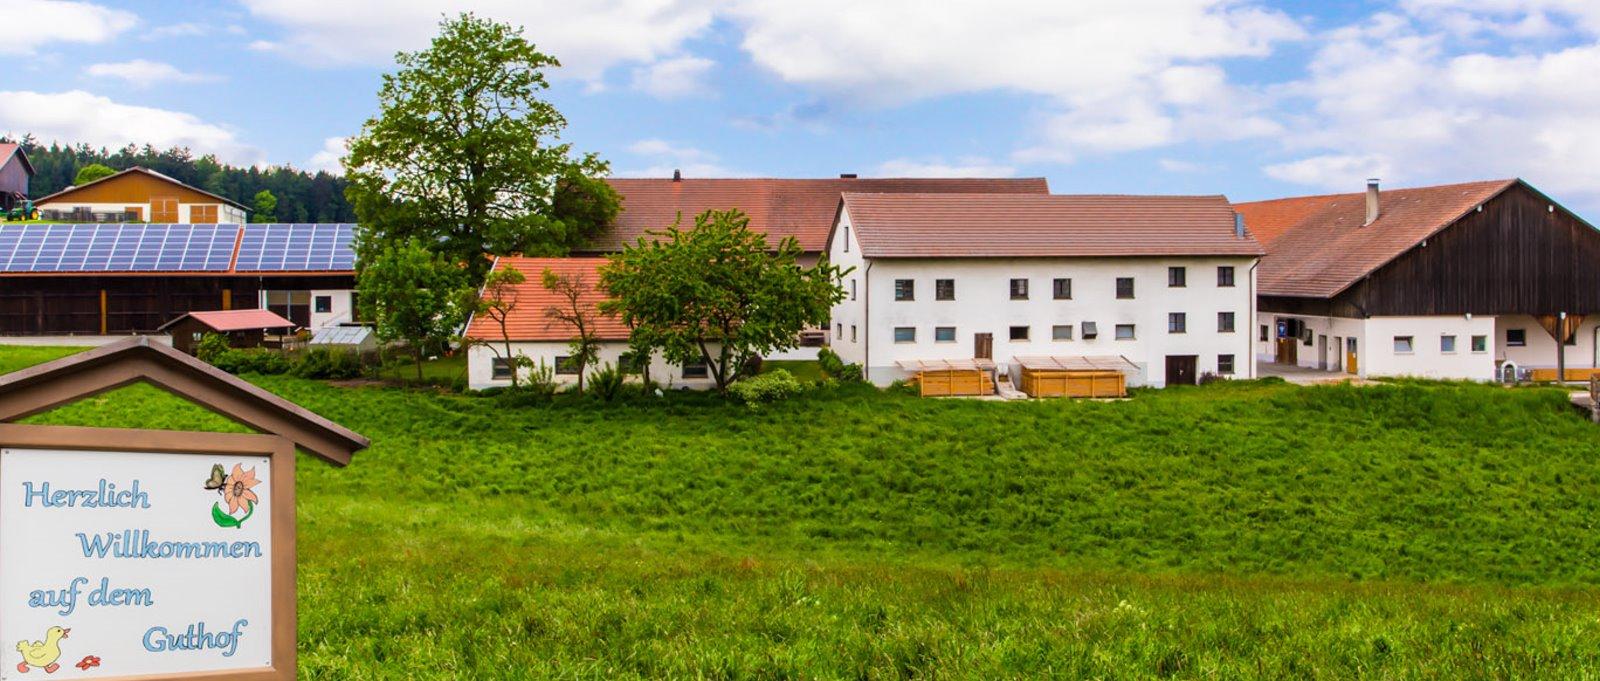 piendl-familienferien-kinderbauernhof-bayerischer-wald-ansicht-panorama-1600